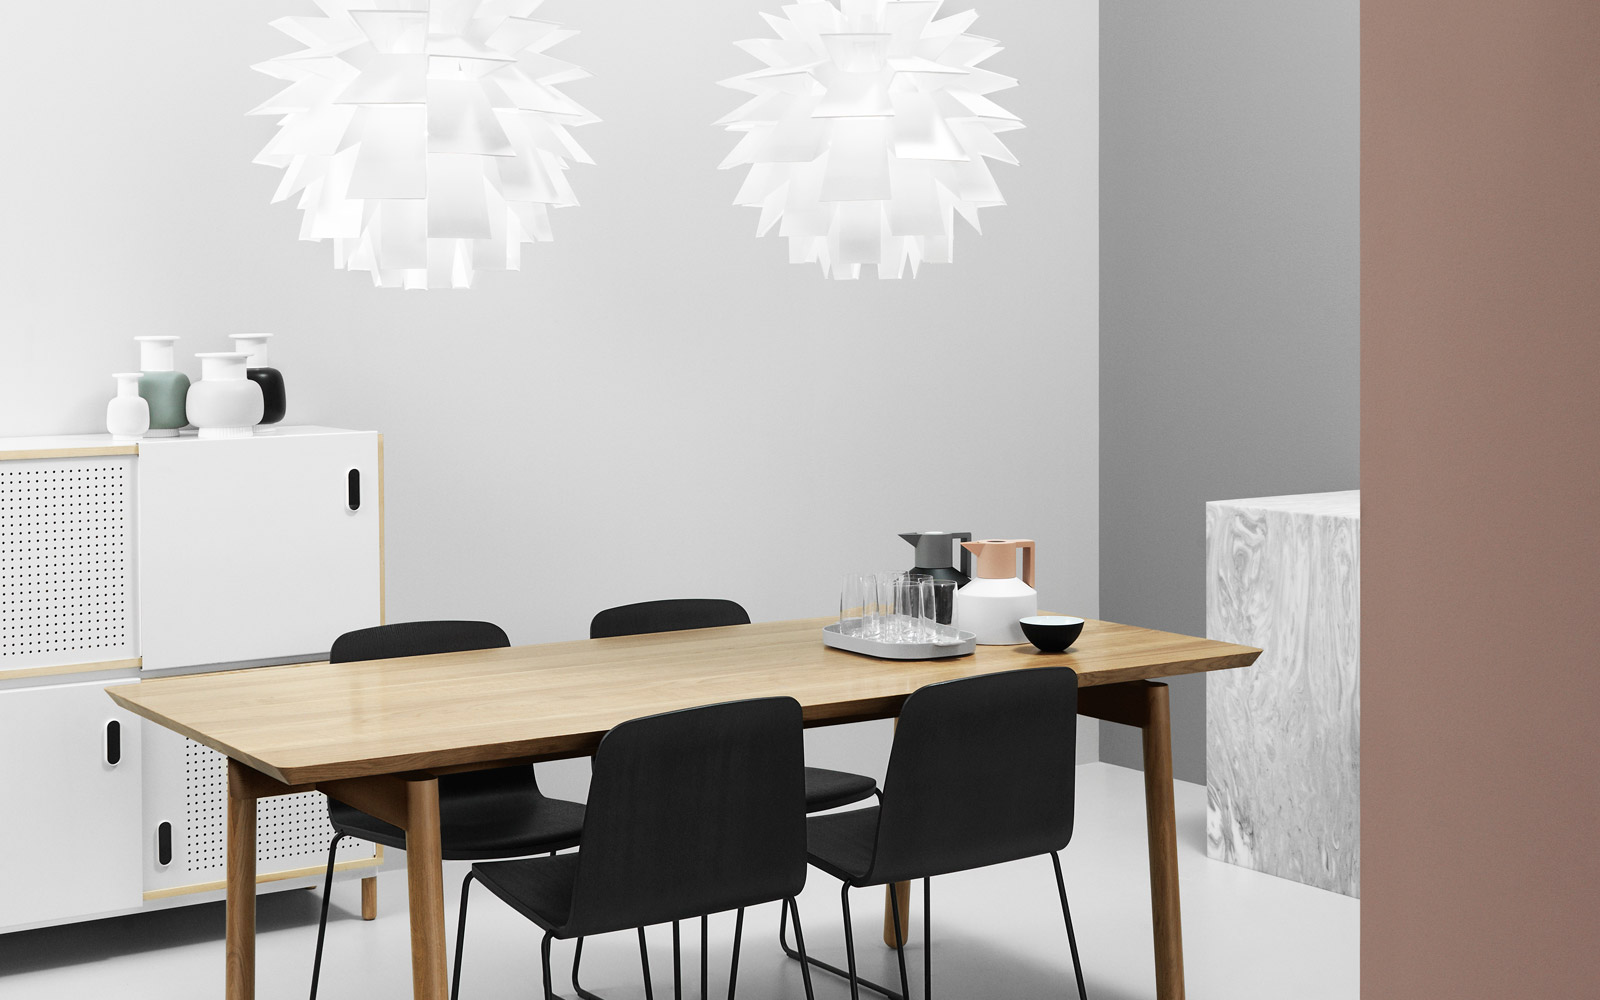 kabino sideboard a versatile sideboard for extra storage. Black Bedroom Furniture Sets. Home Design Ideas